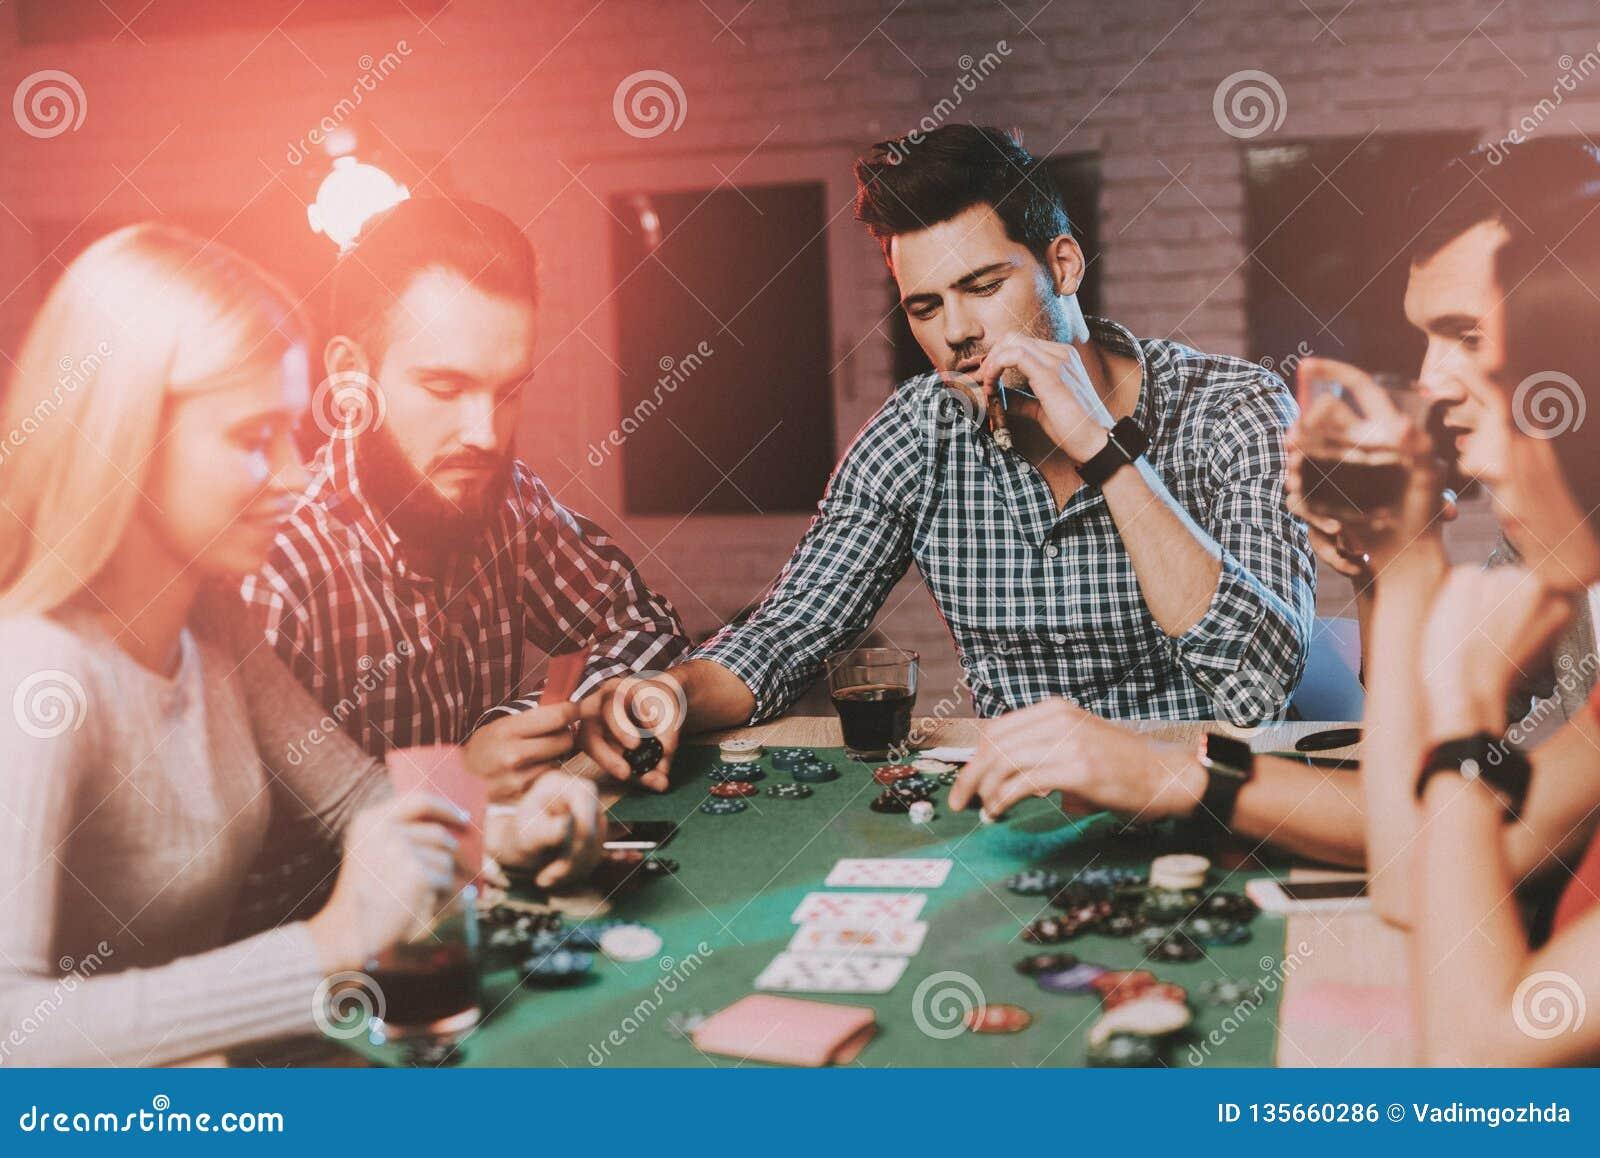 карточные игры с друзьями